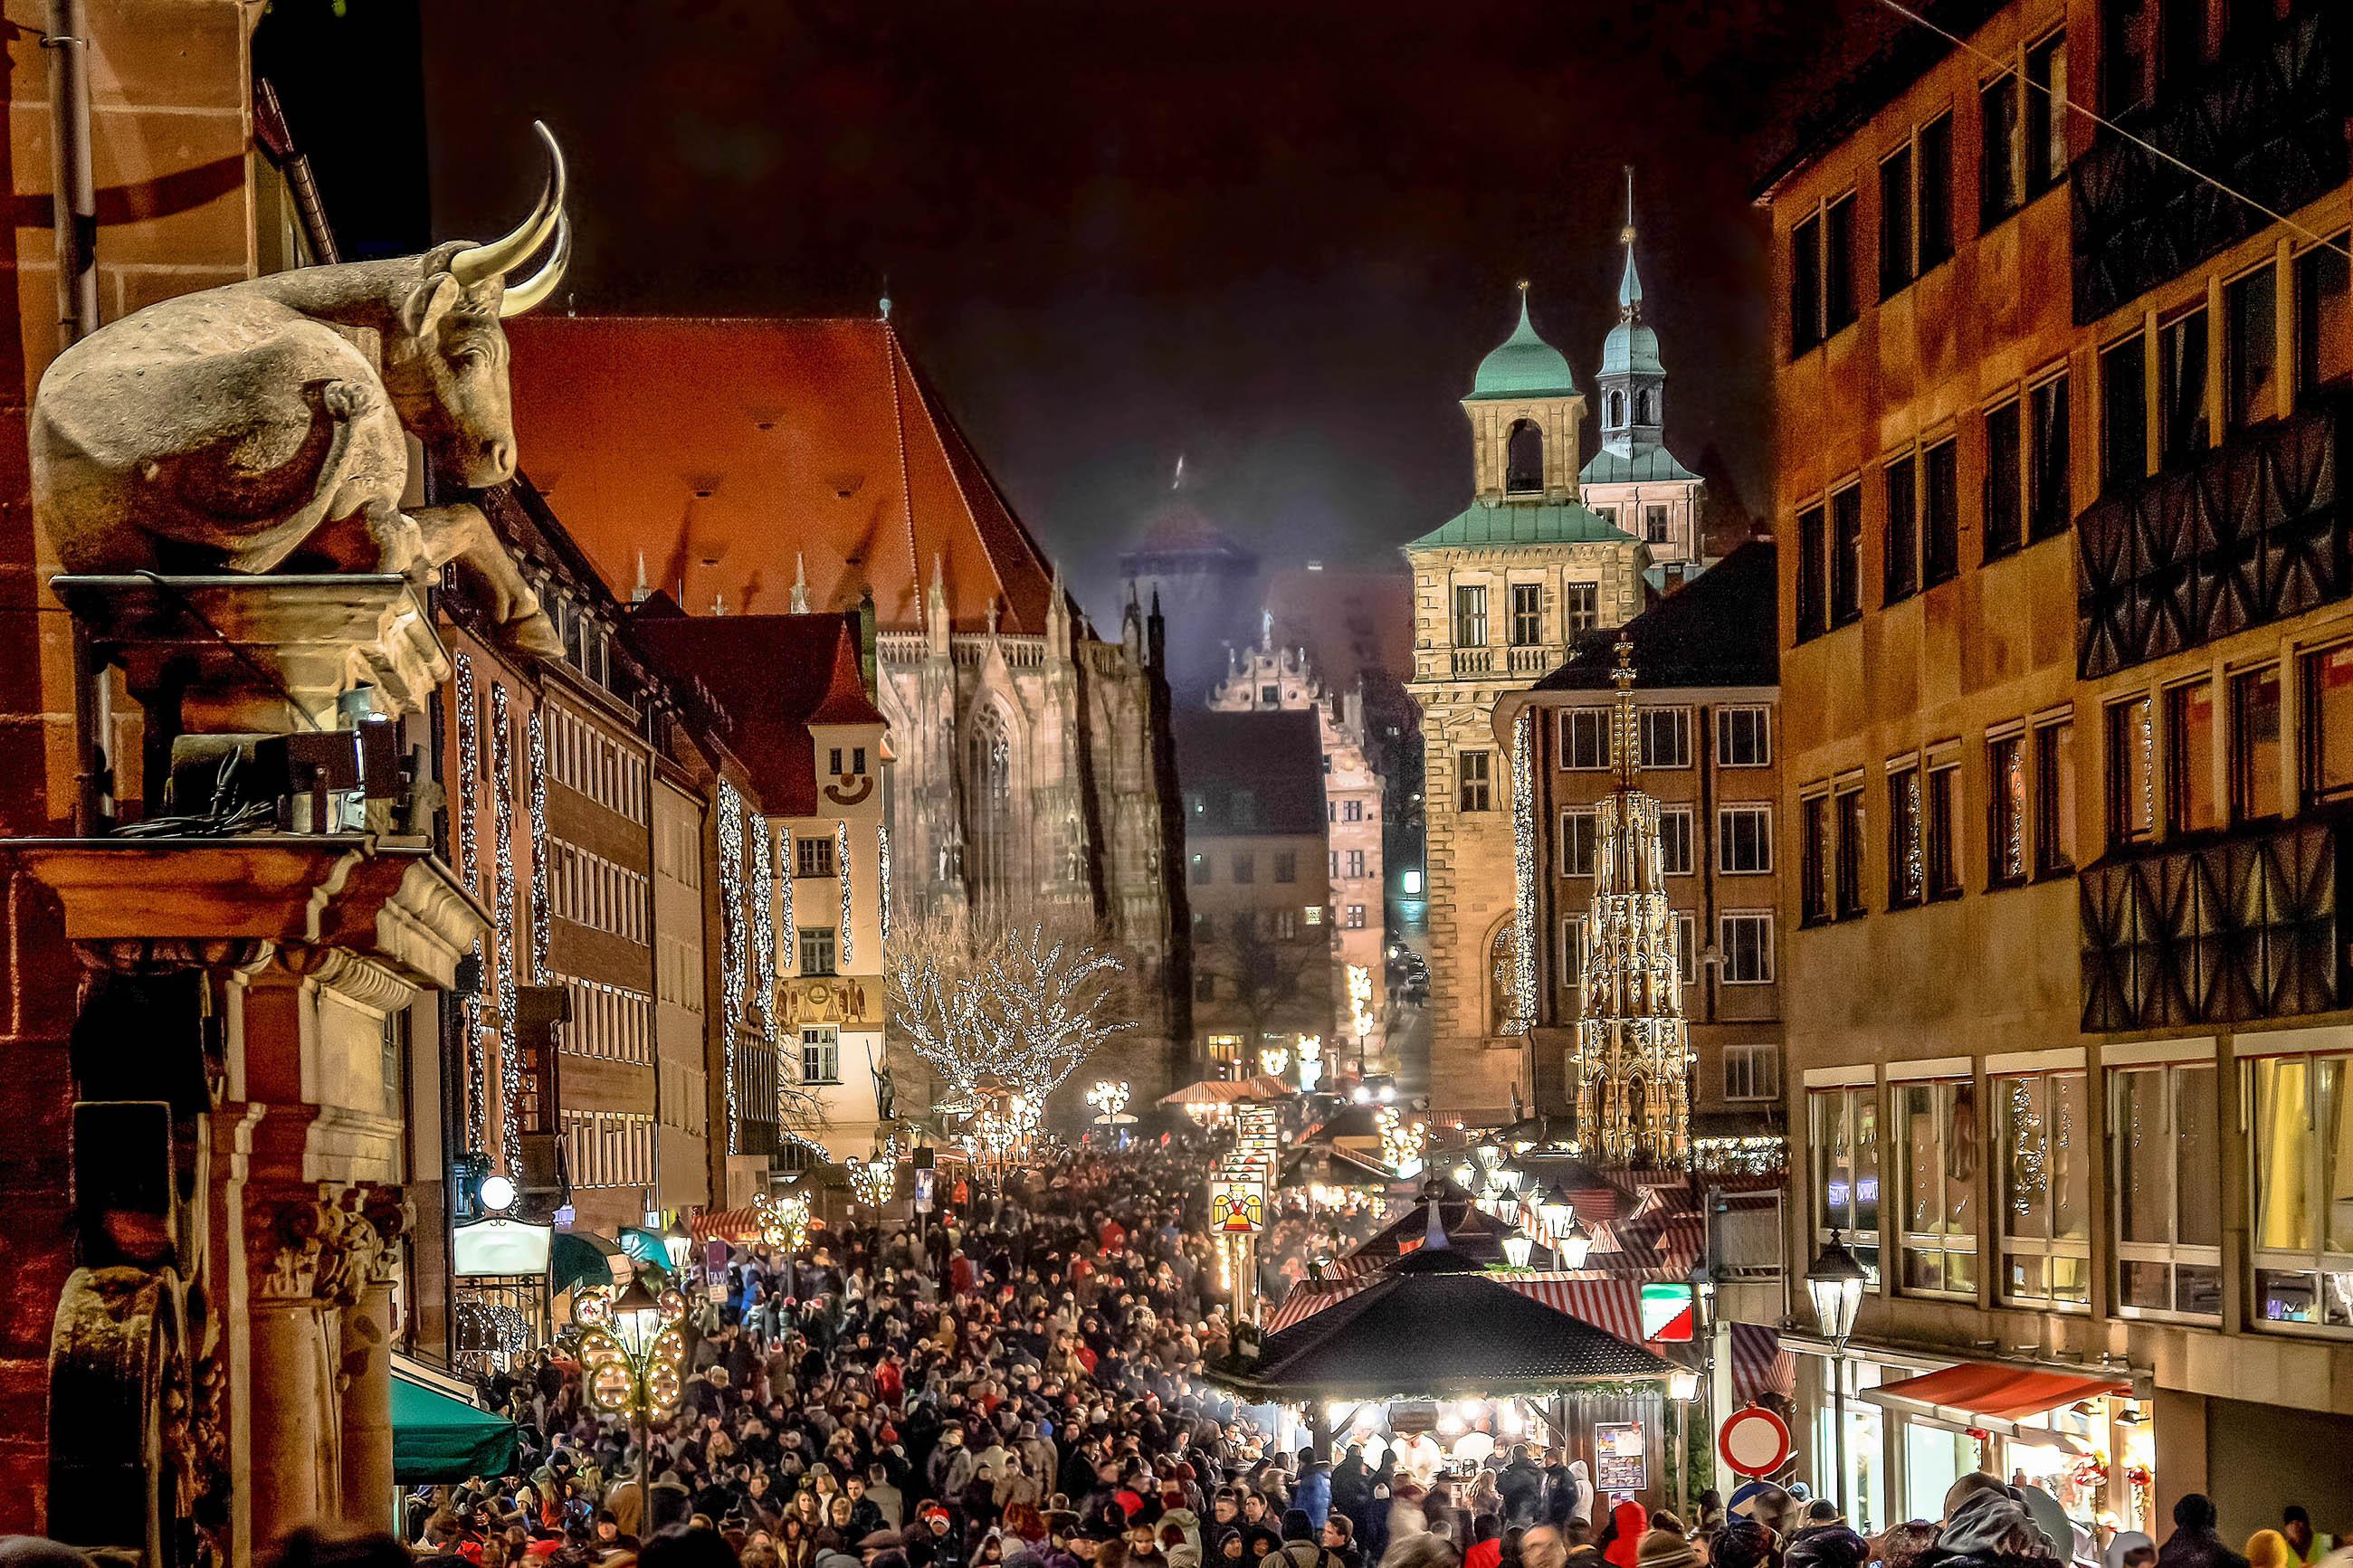 Weihnachtsmarkt Nürnberg.Bilder Weihnachtsmarkt Christkindlesmarkt In Nürnberg